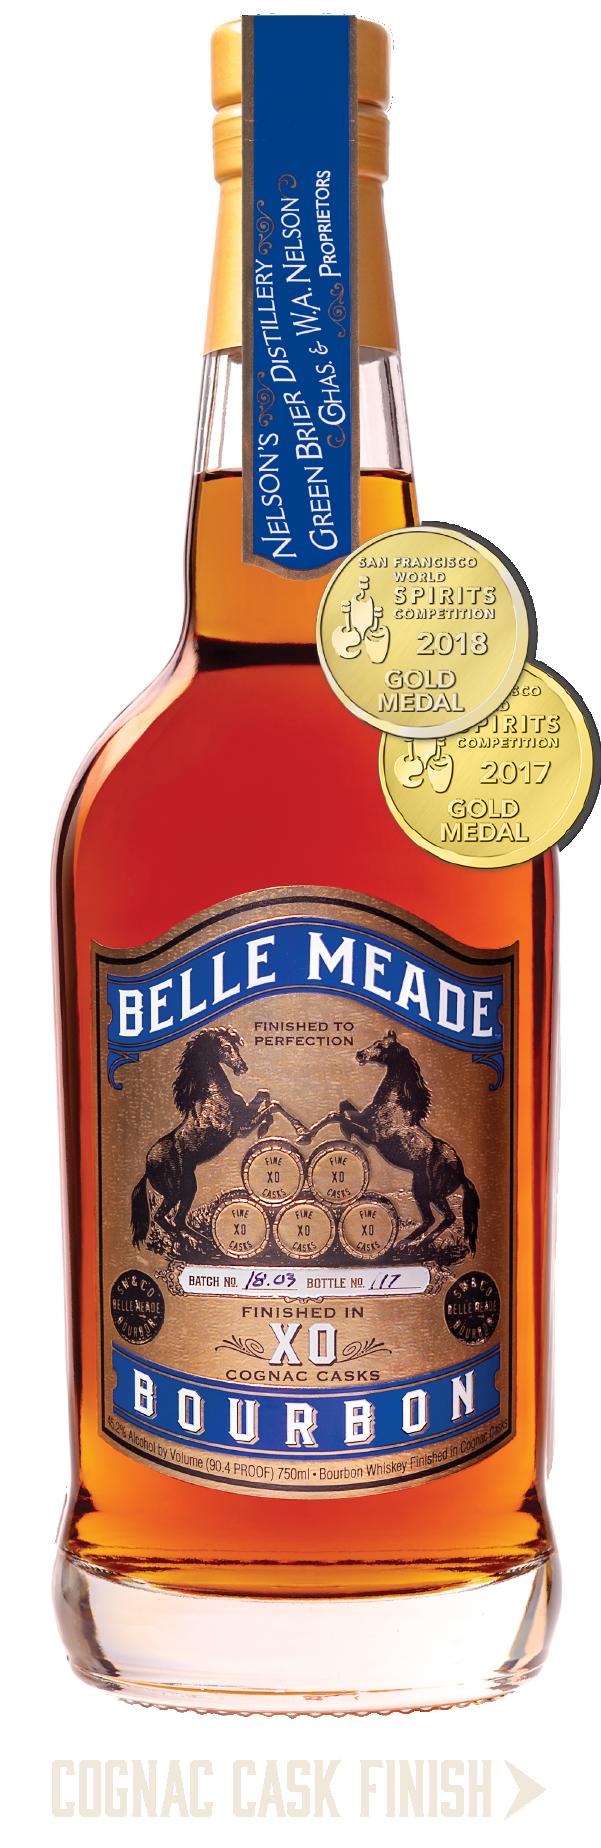 Belle Meade Bourbon_Cognac Cask Finish.png